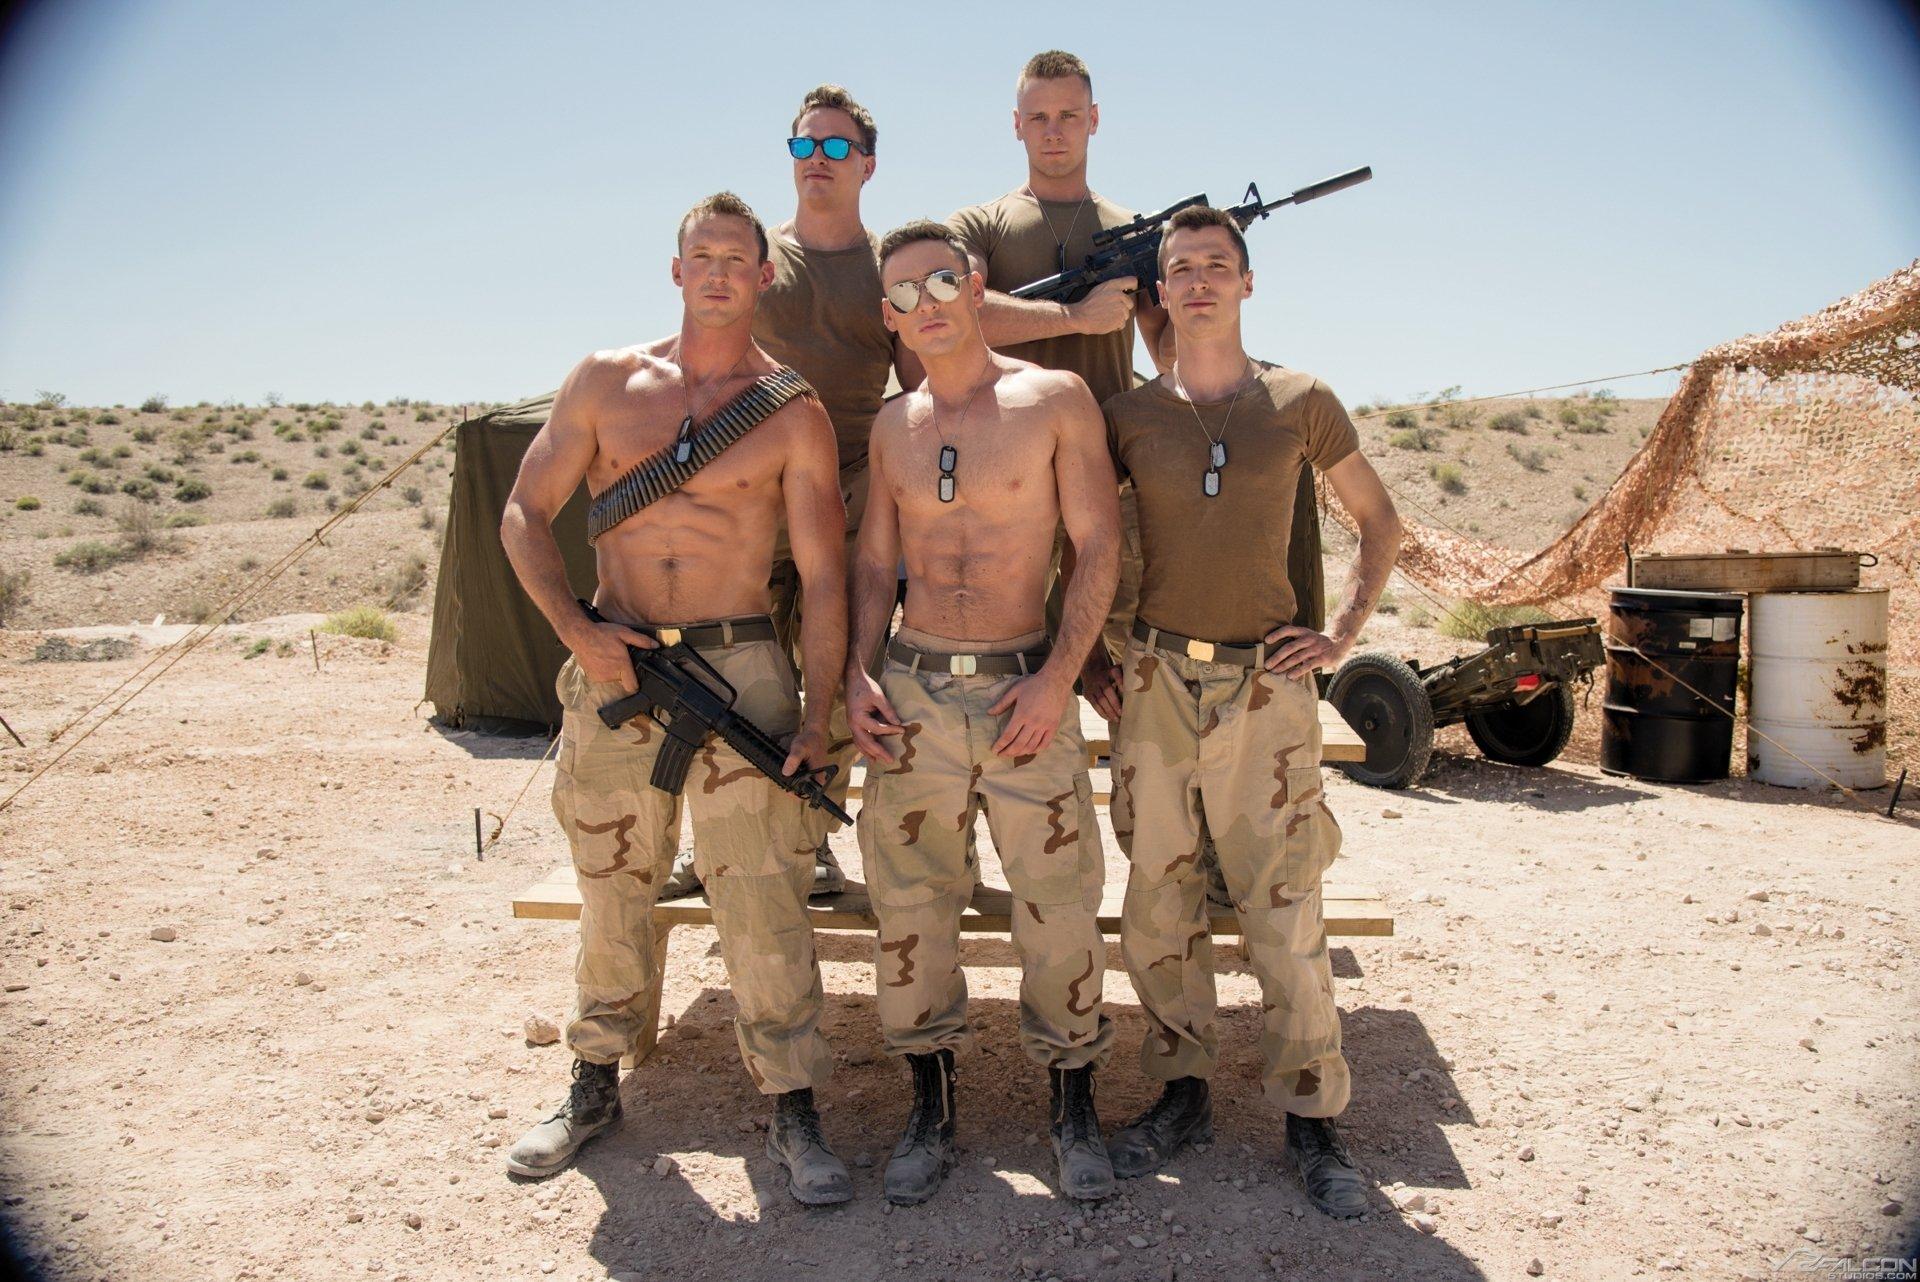 Militares gostosos pelados mostrando seus pintos duros